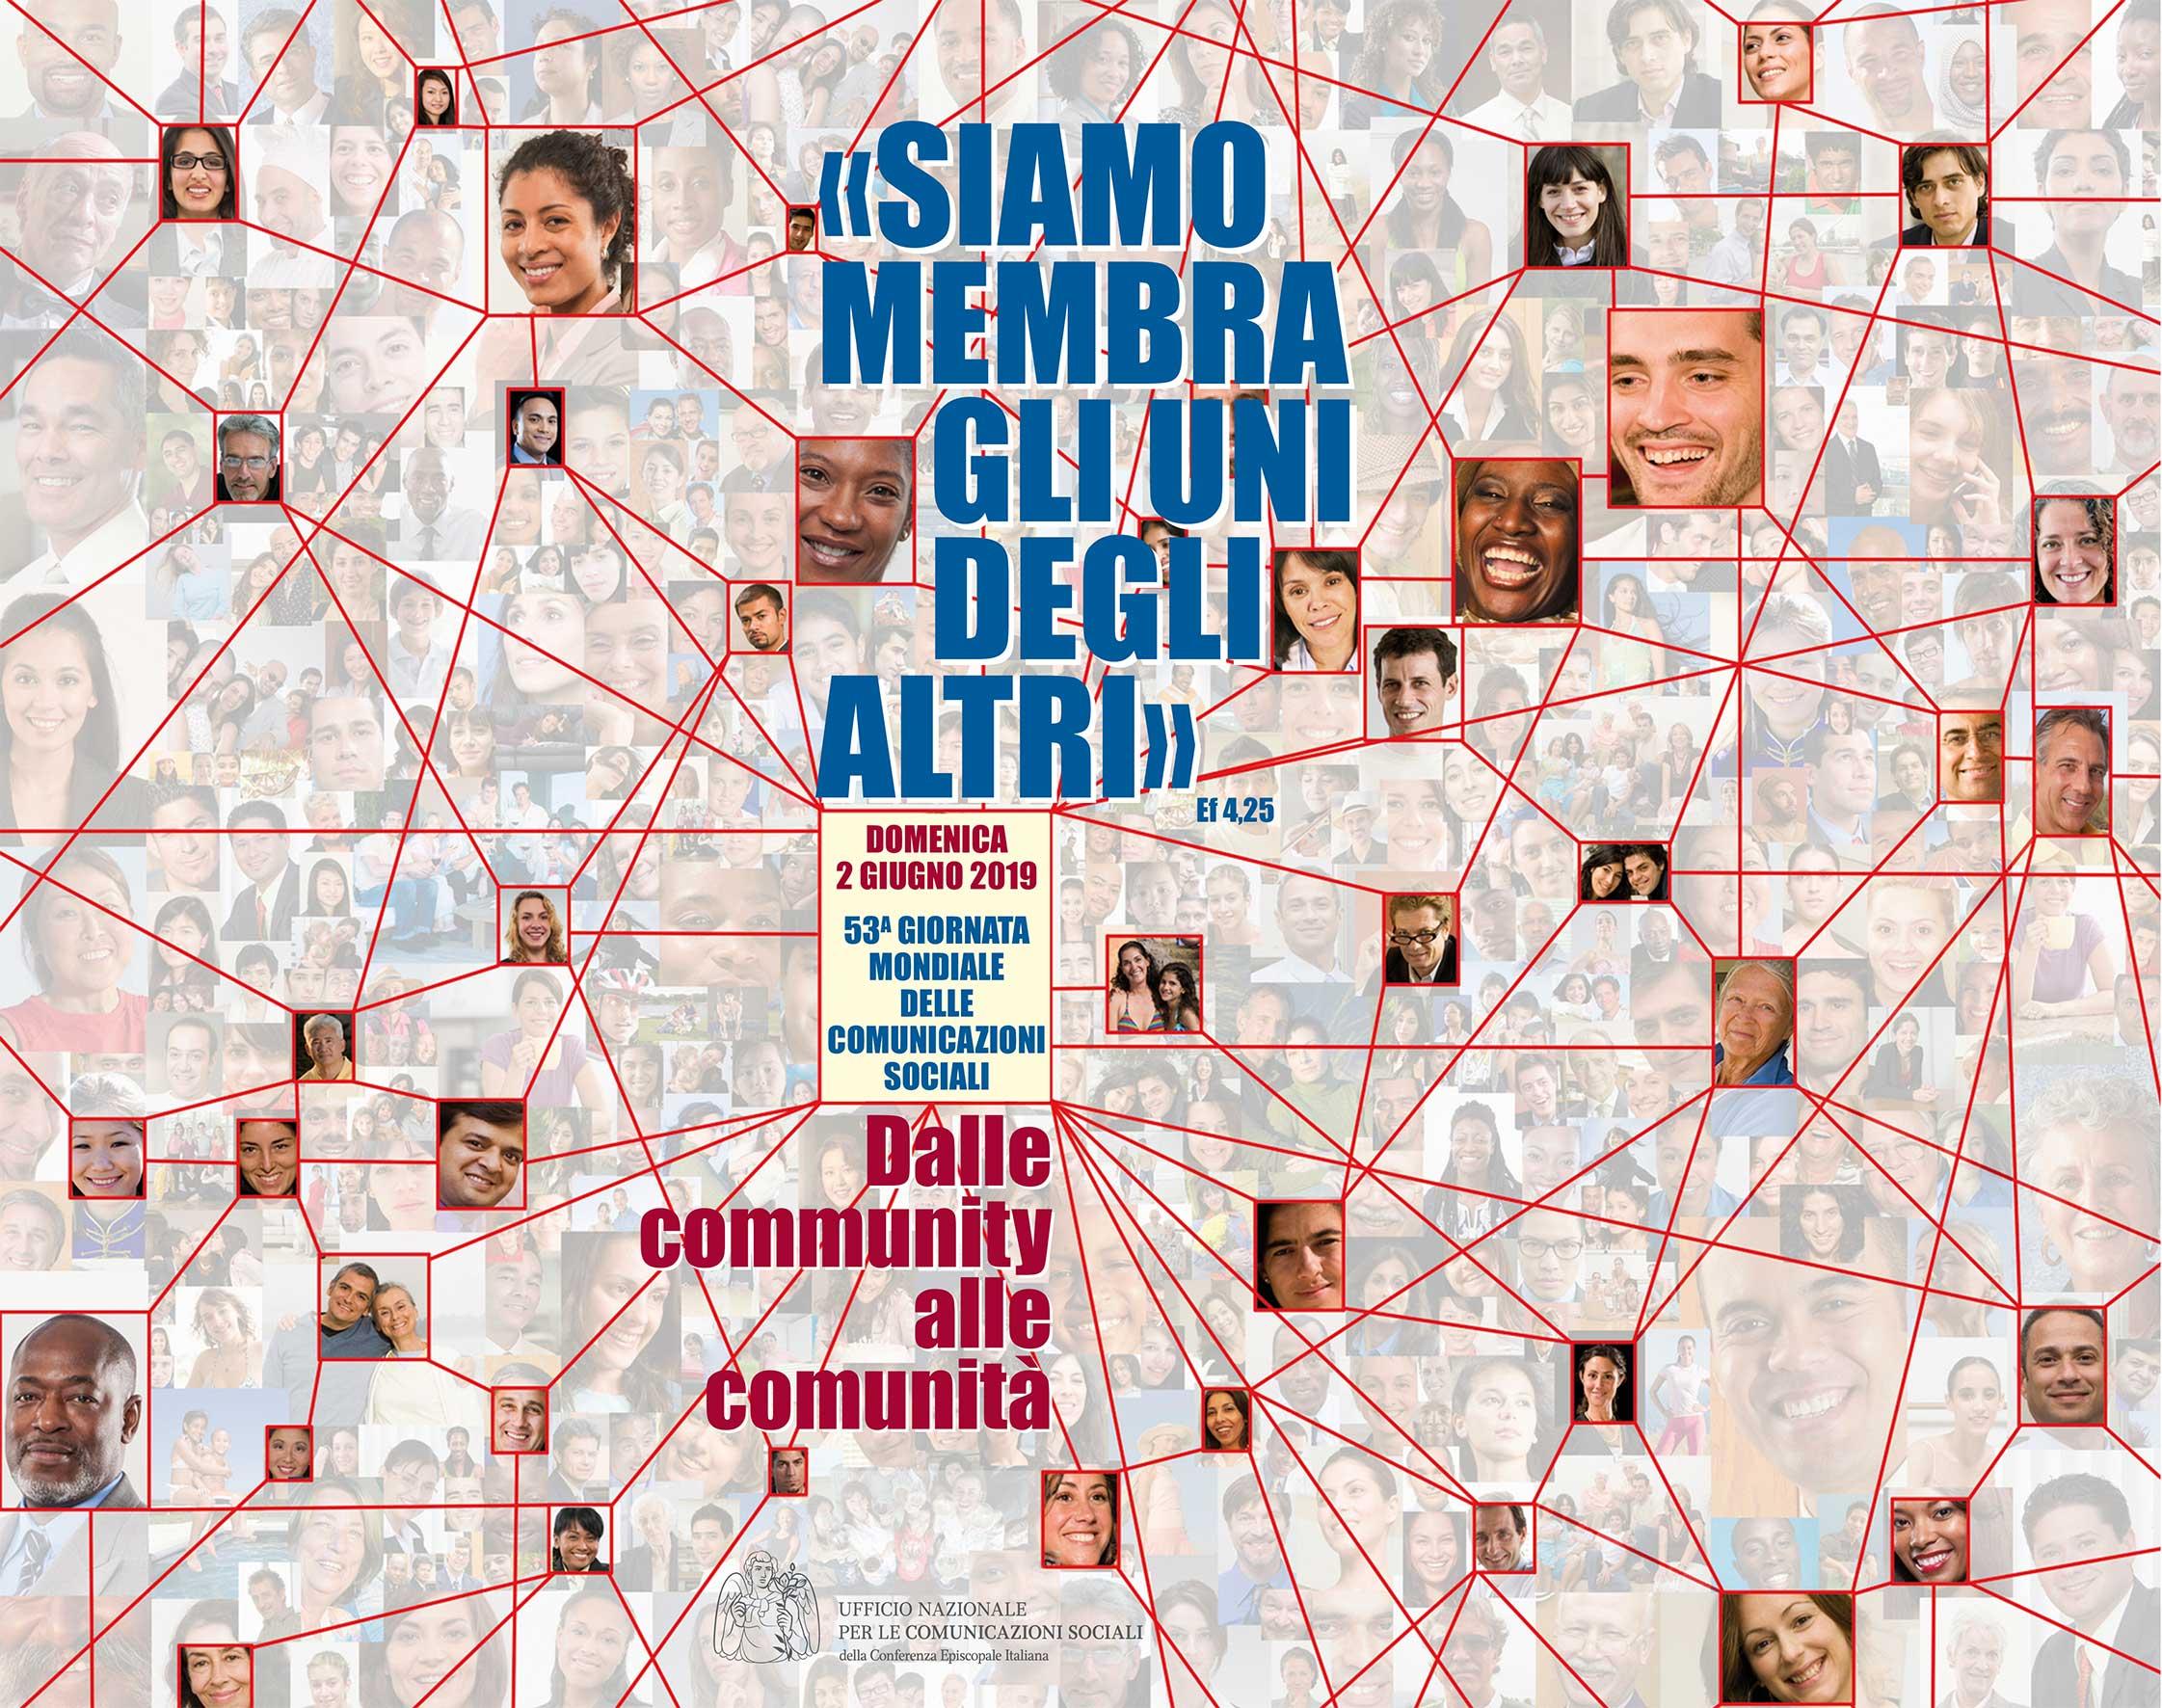 53ma Giornata Mondiale delle Comunicazioni sociali